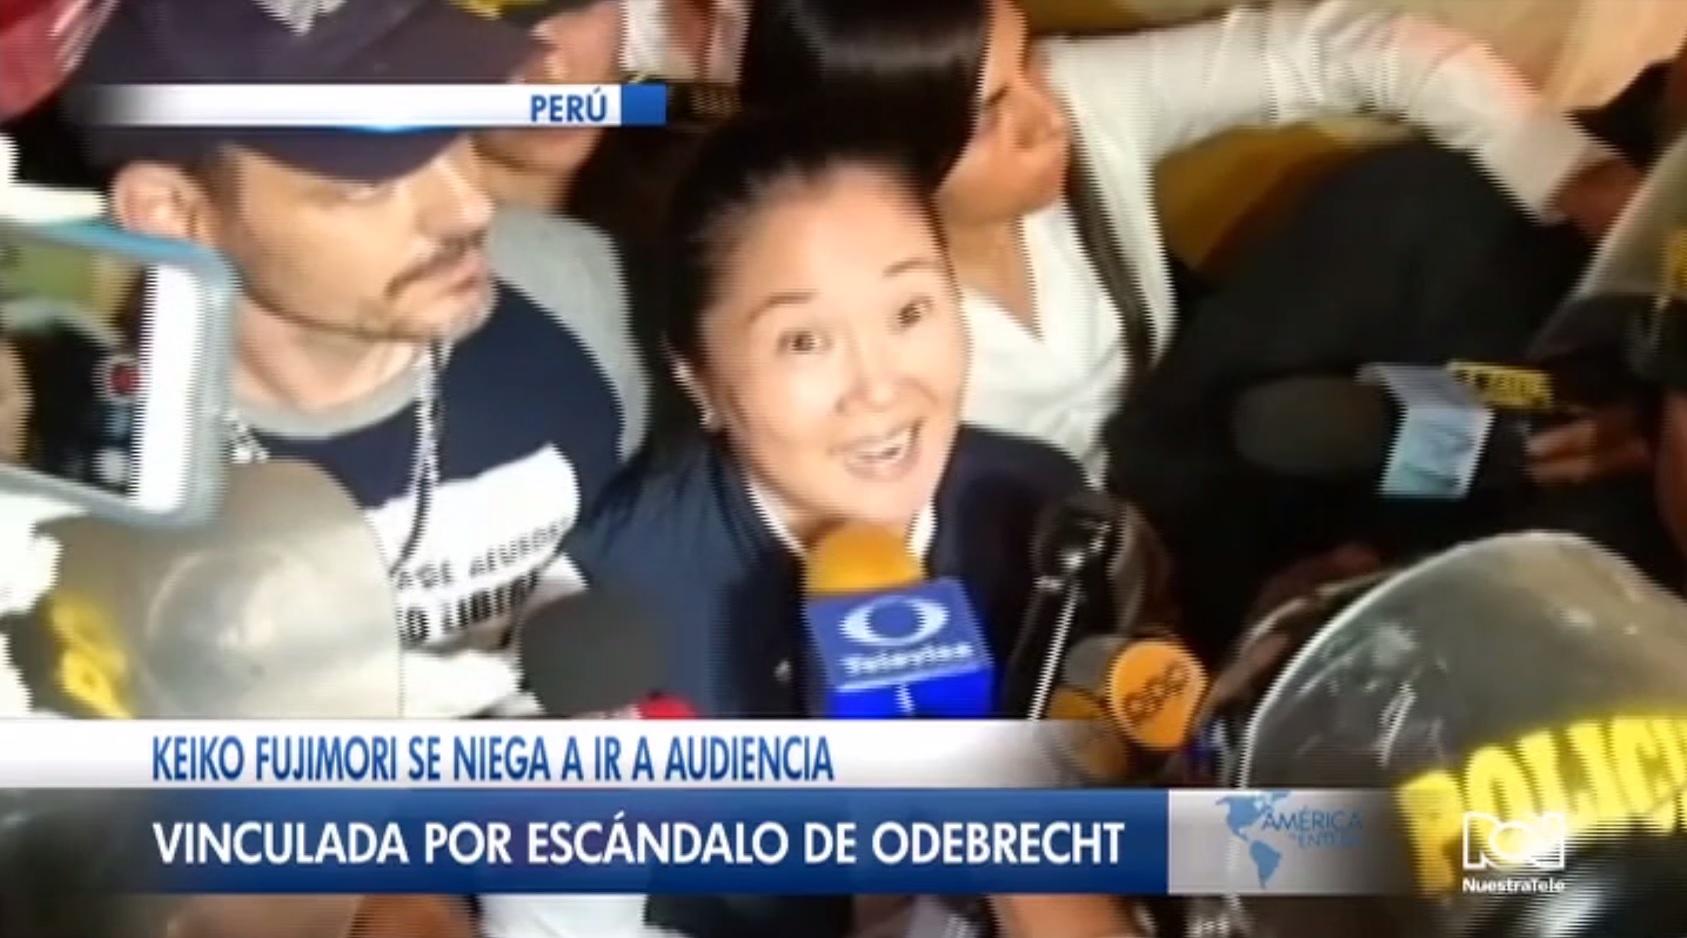 Keiko Fujimori no asistió a la audiencia de pedido de prisión preventiva en su contra